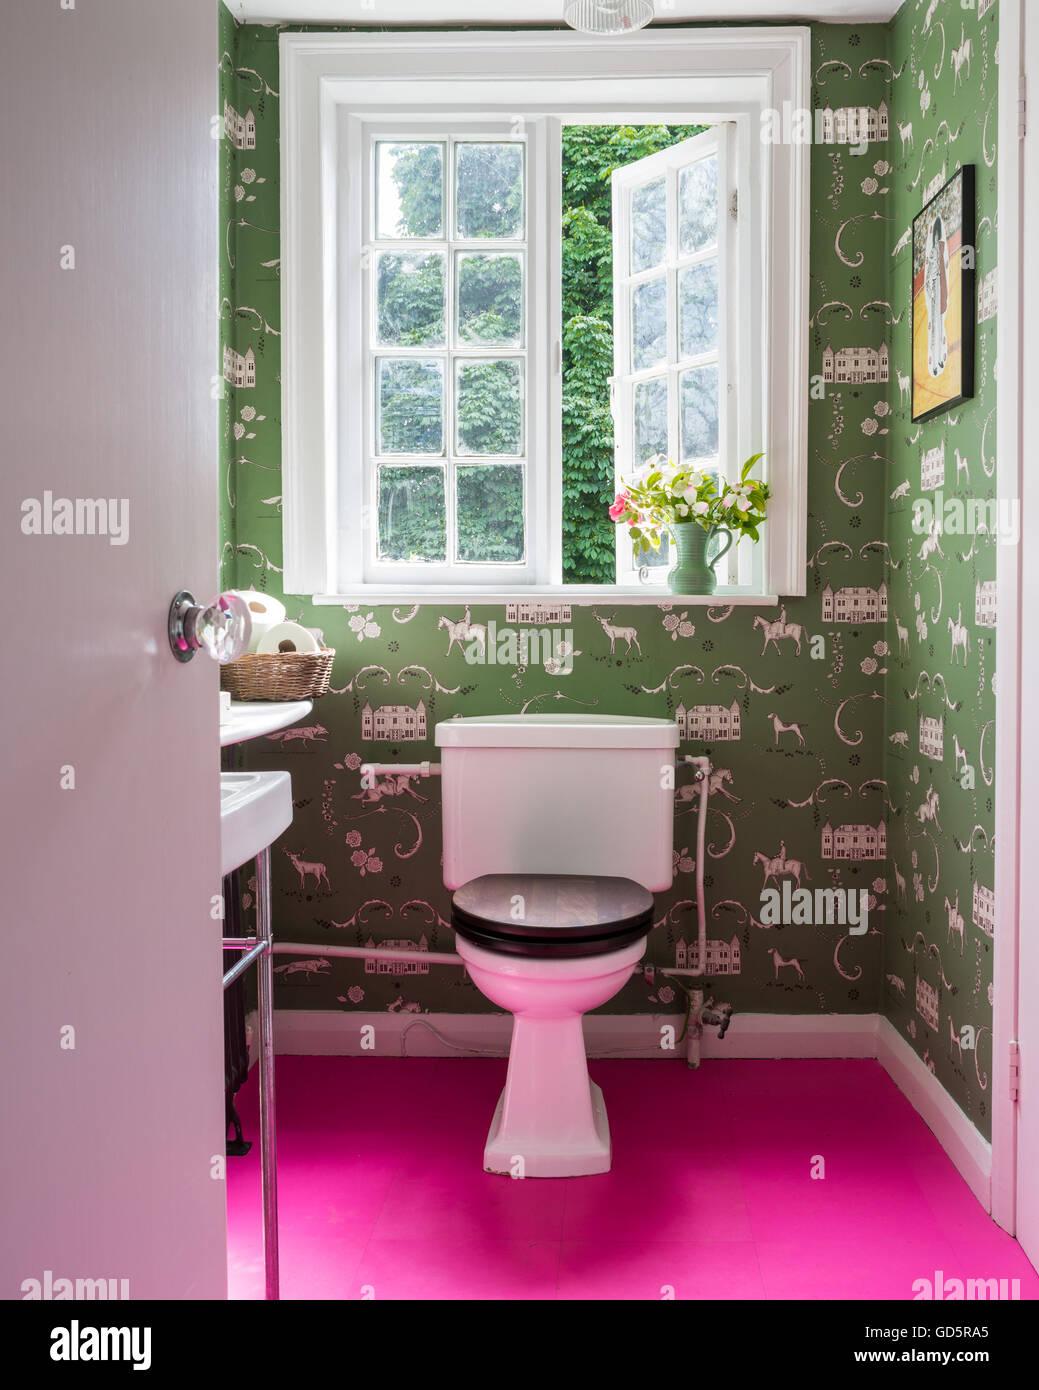 Rosa vibrante pavimento piastrellato in guardaroba con wc verde dello sfondo Immagini Stock